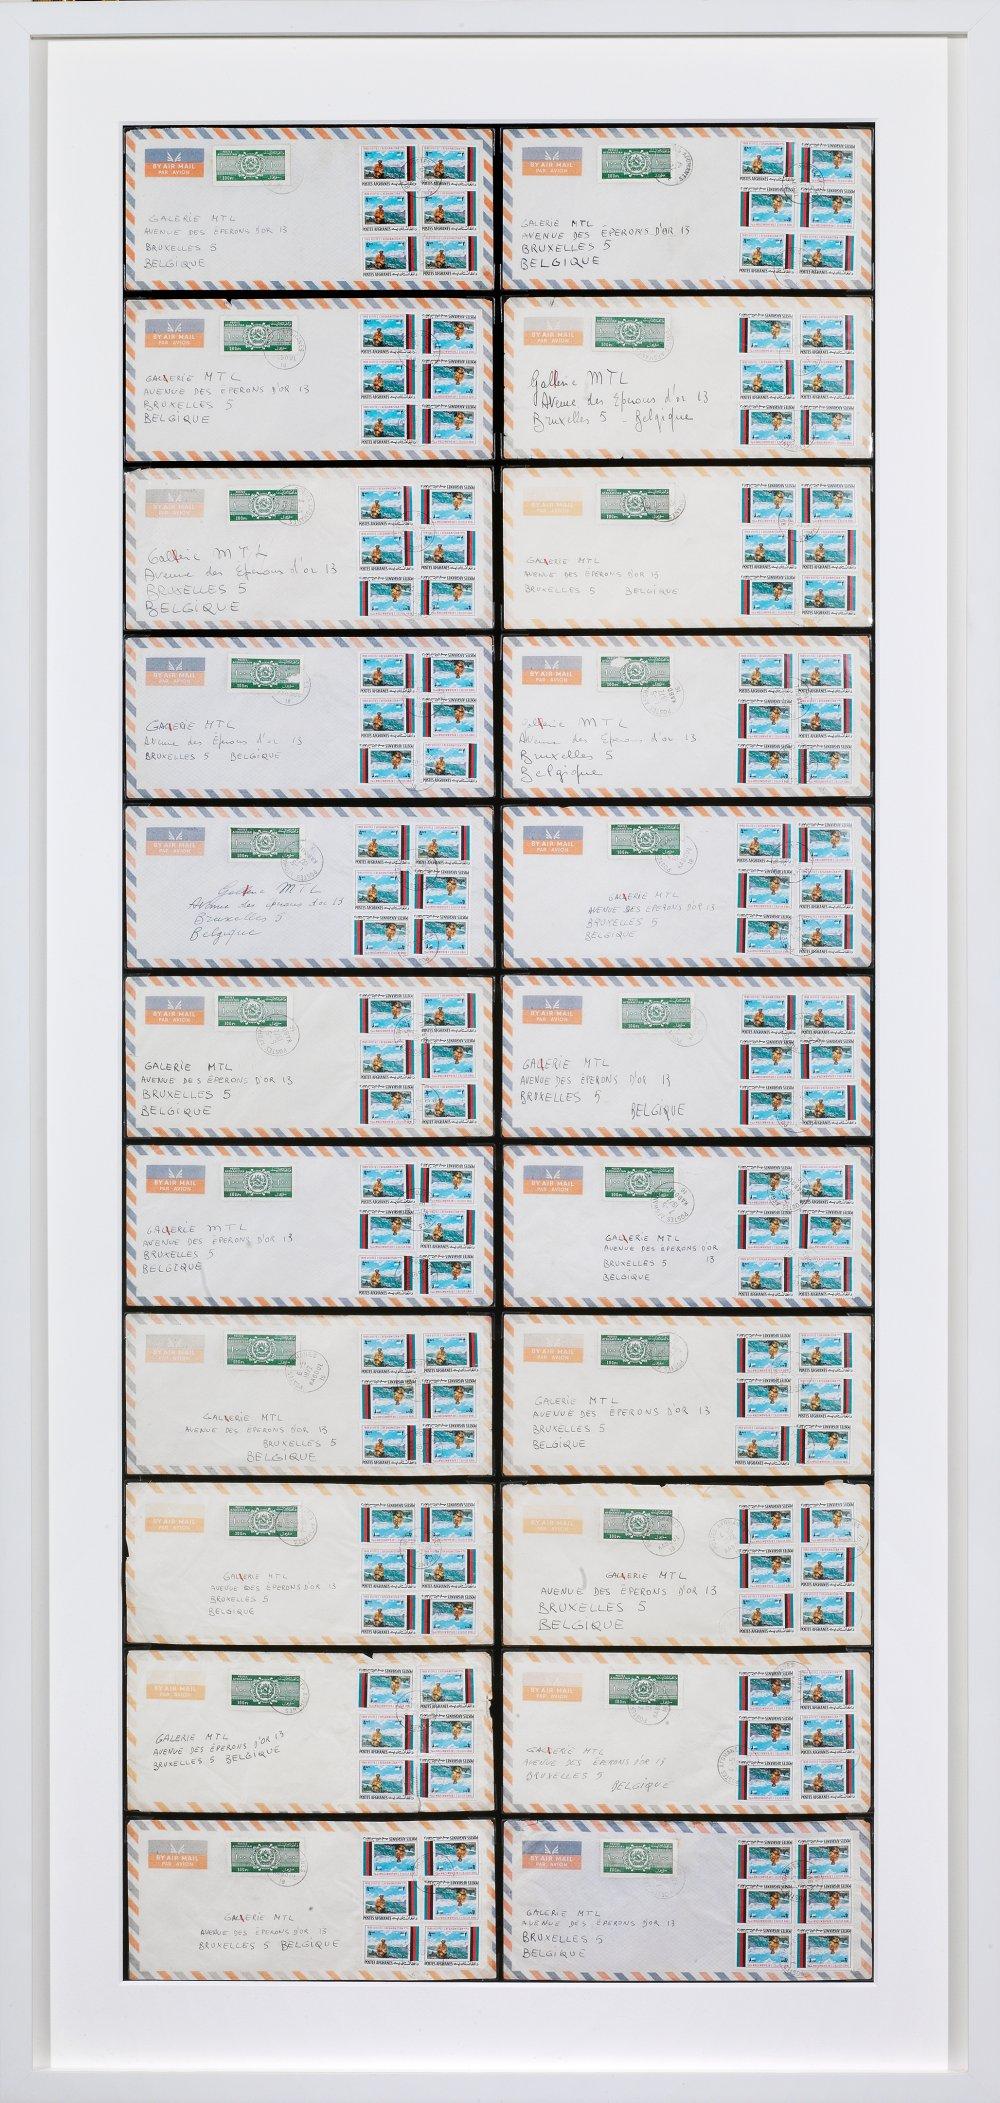 Lavoro postale (permutazione)